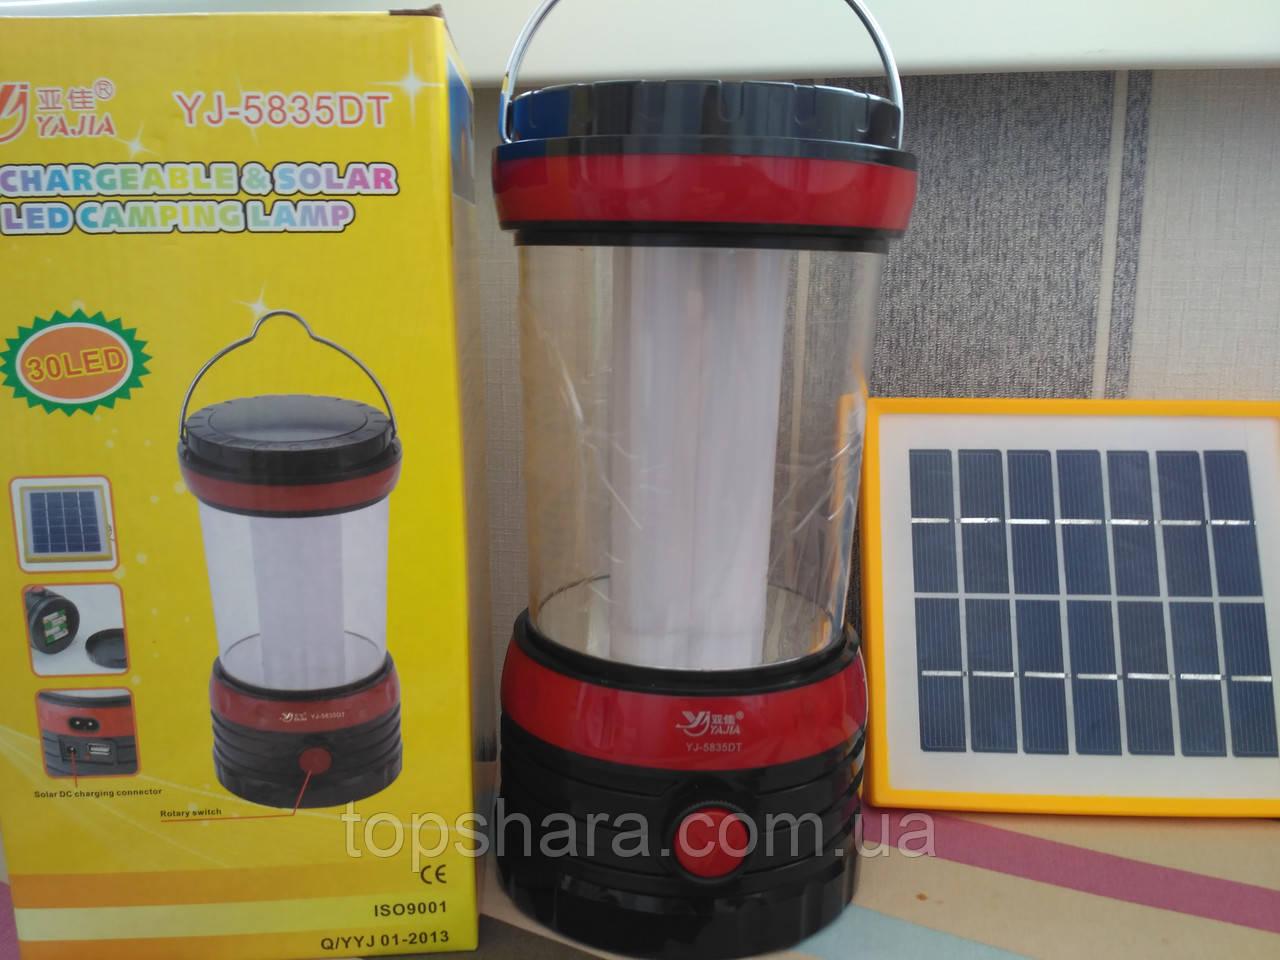 Фонарь лампа Yajia YJ- 5835 DT с солнечной панелью и USB